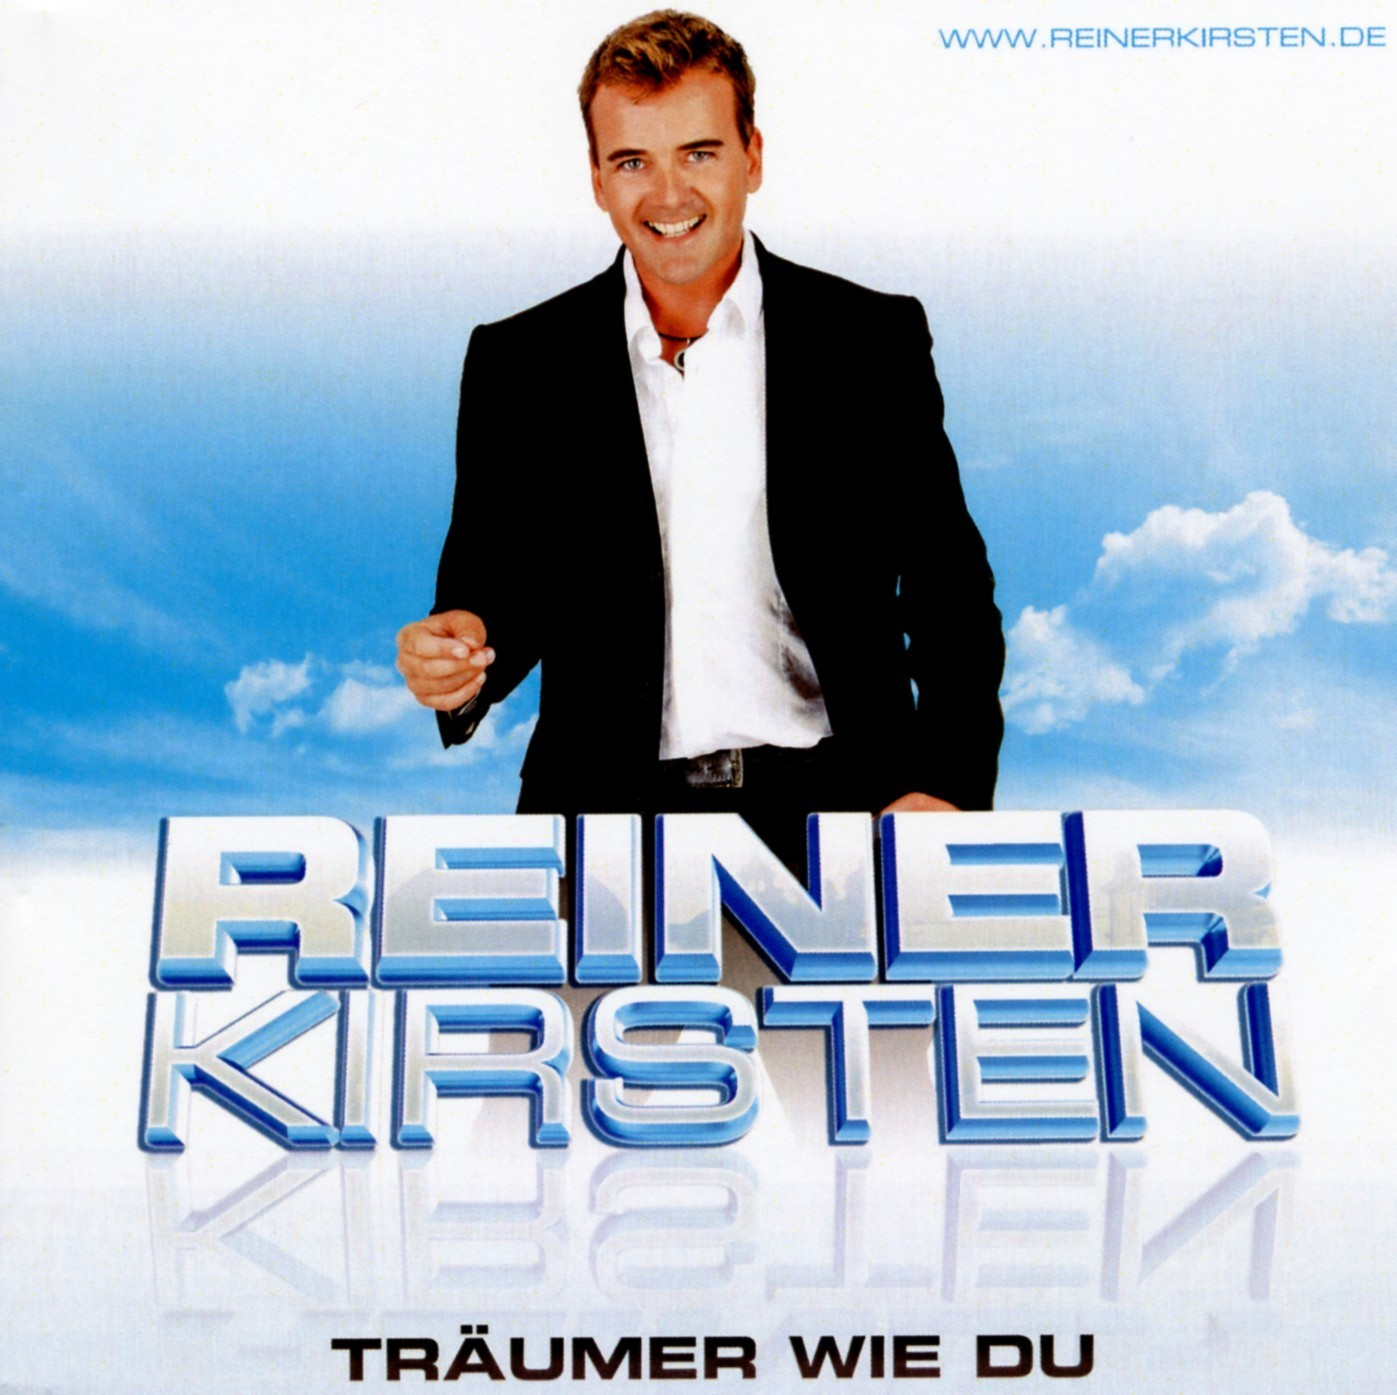 Cover: Träumer wie du, Reiner Kirsten